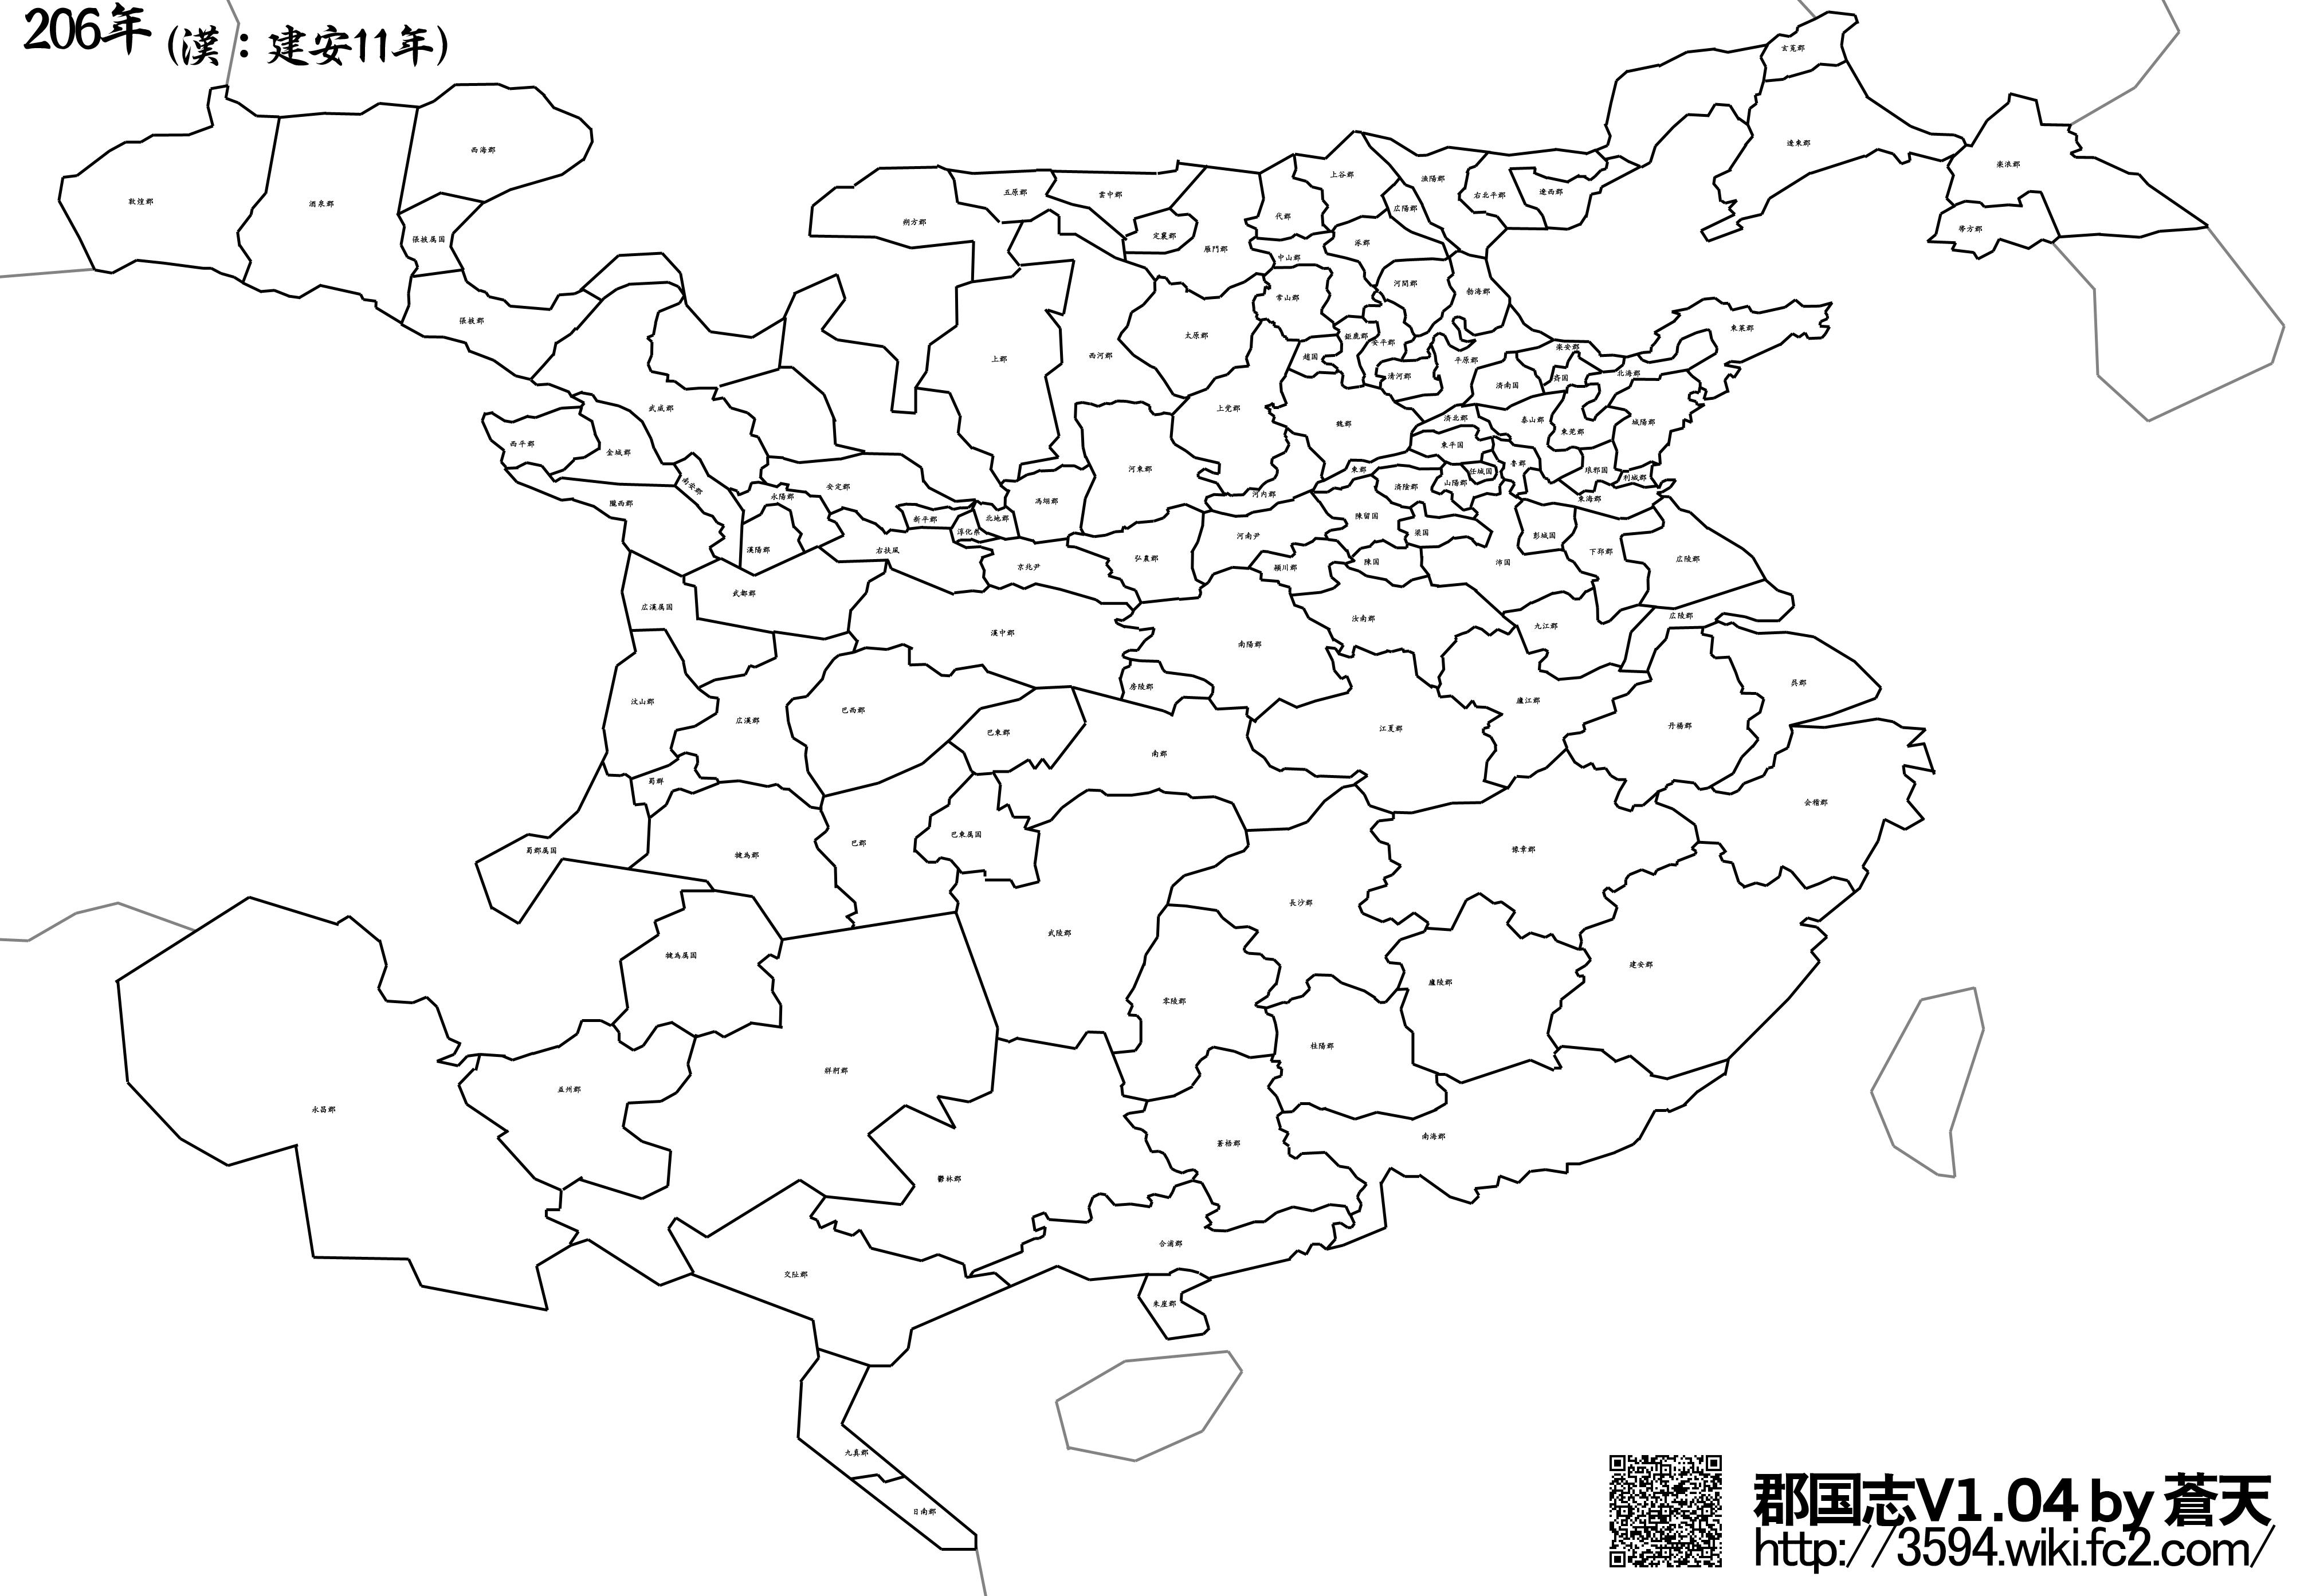 郡国志v104_206年